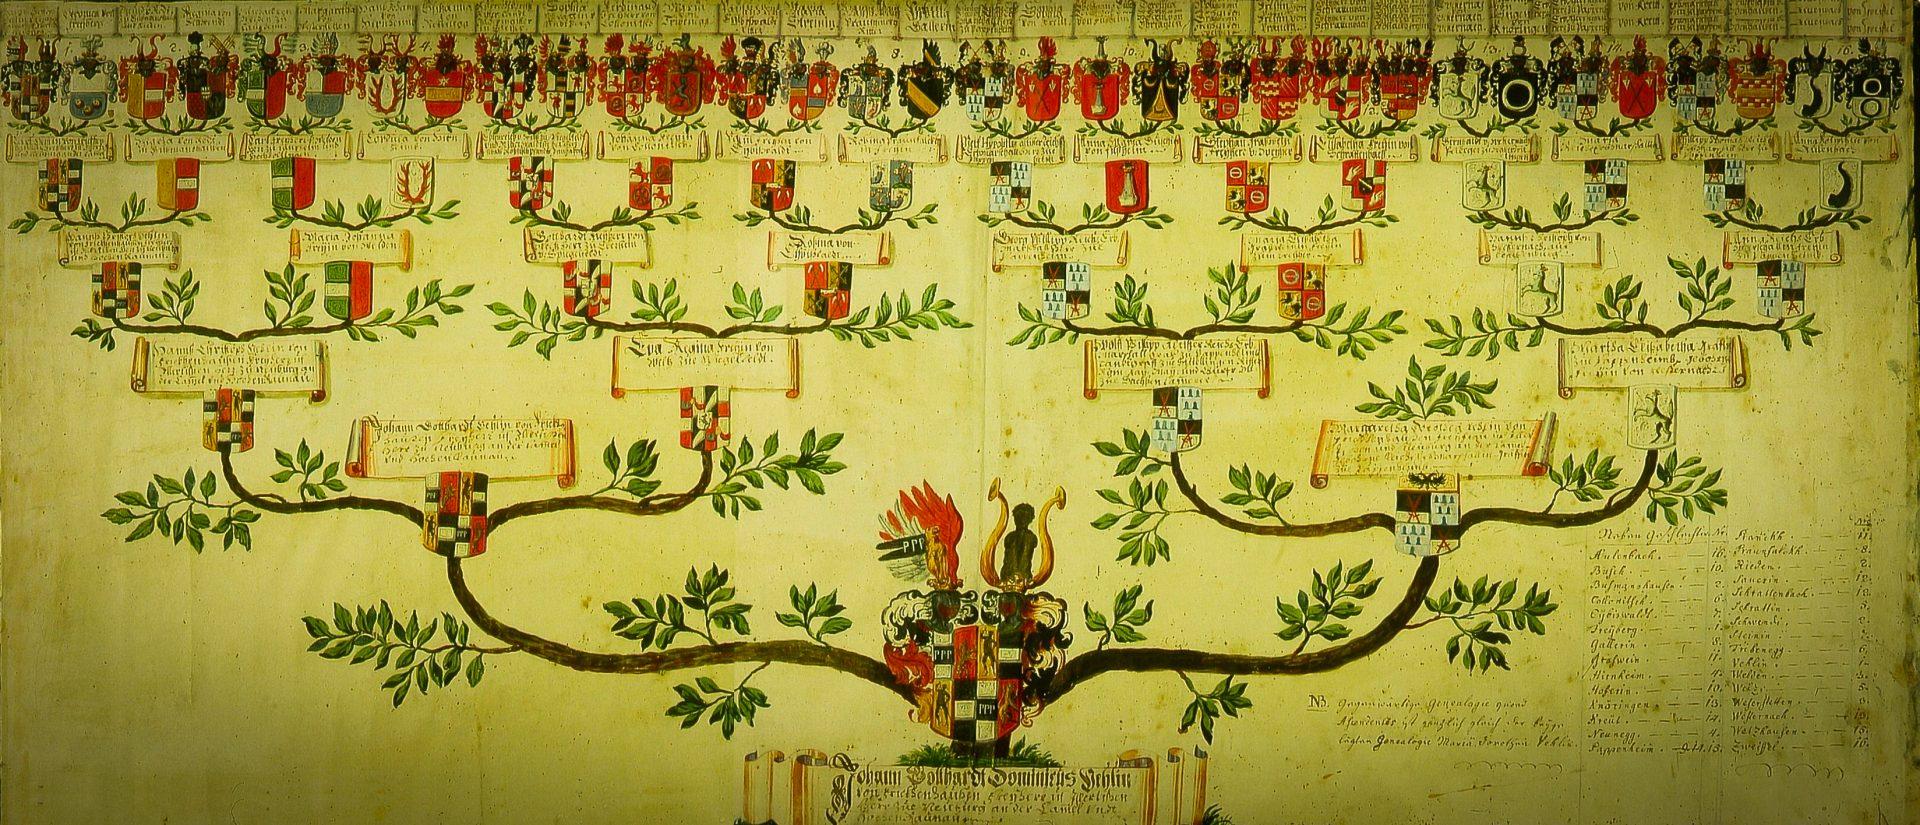 Stammbaum Vöhlin